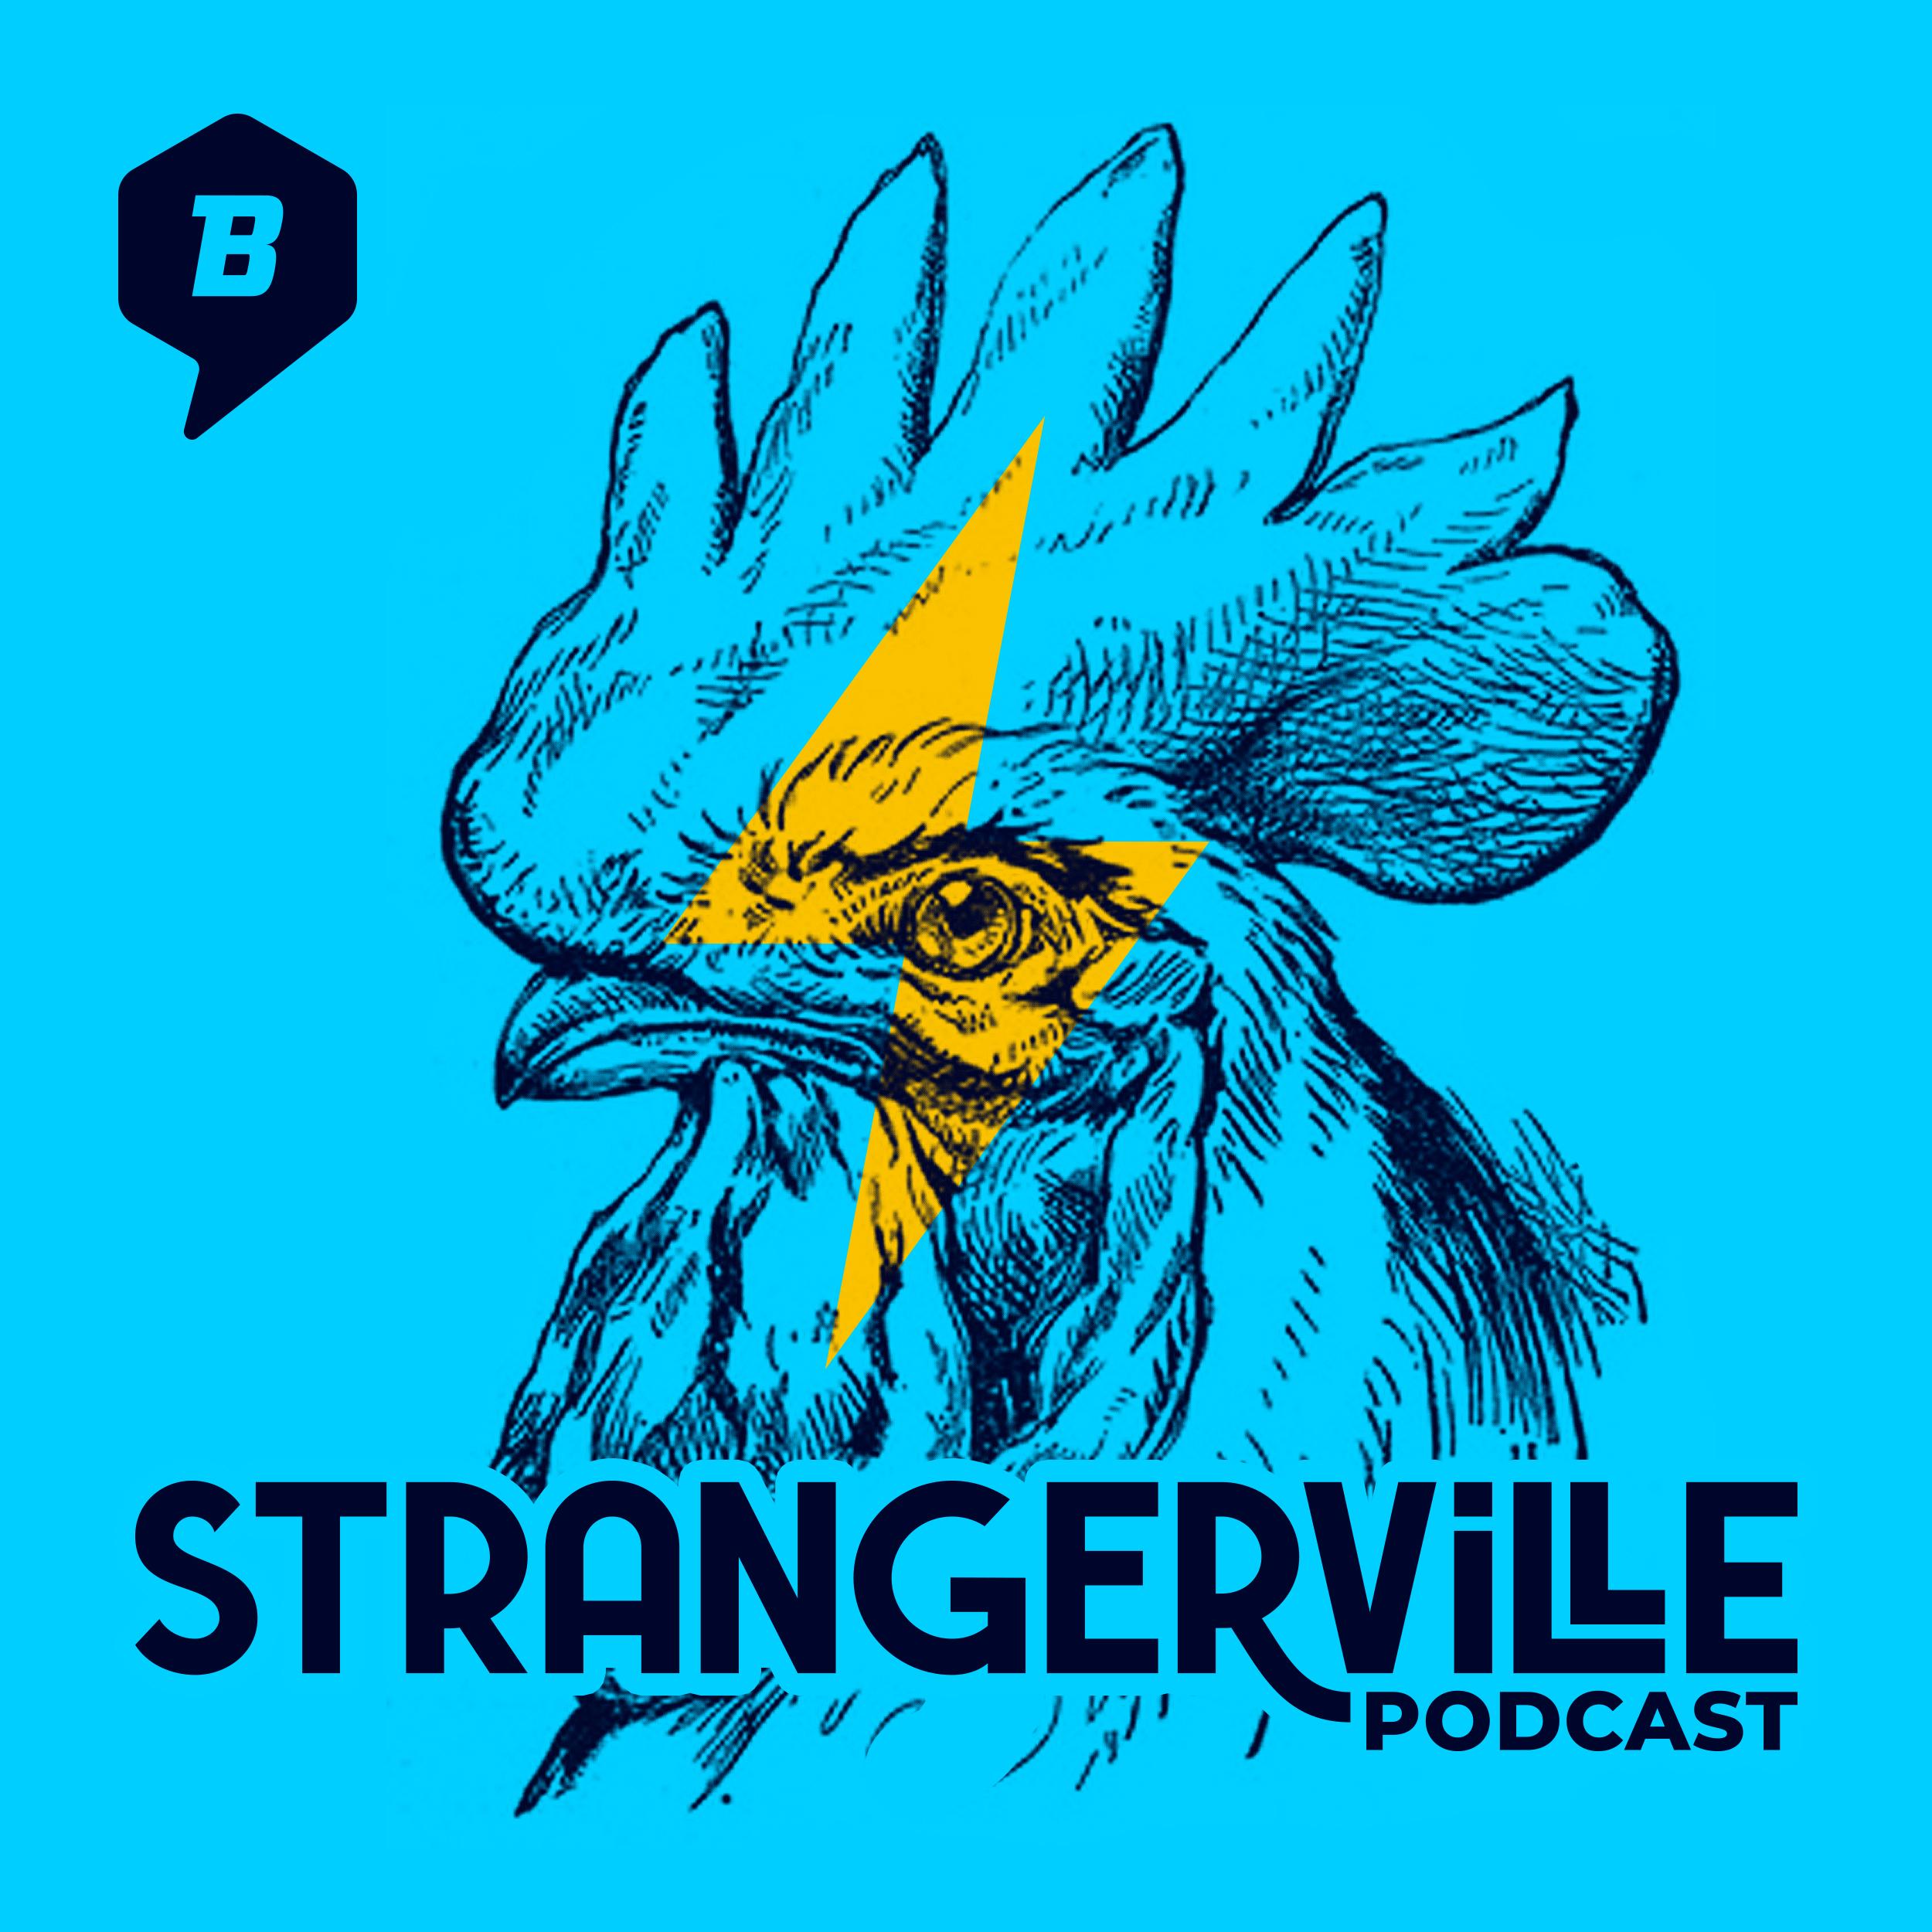 Strangerville Podcast show art